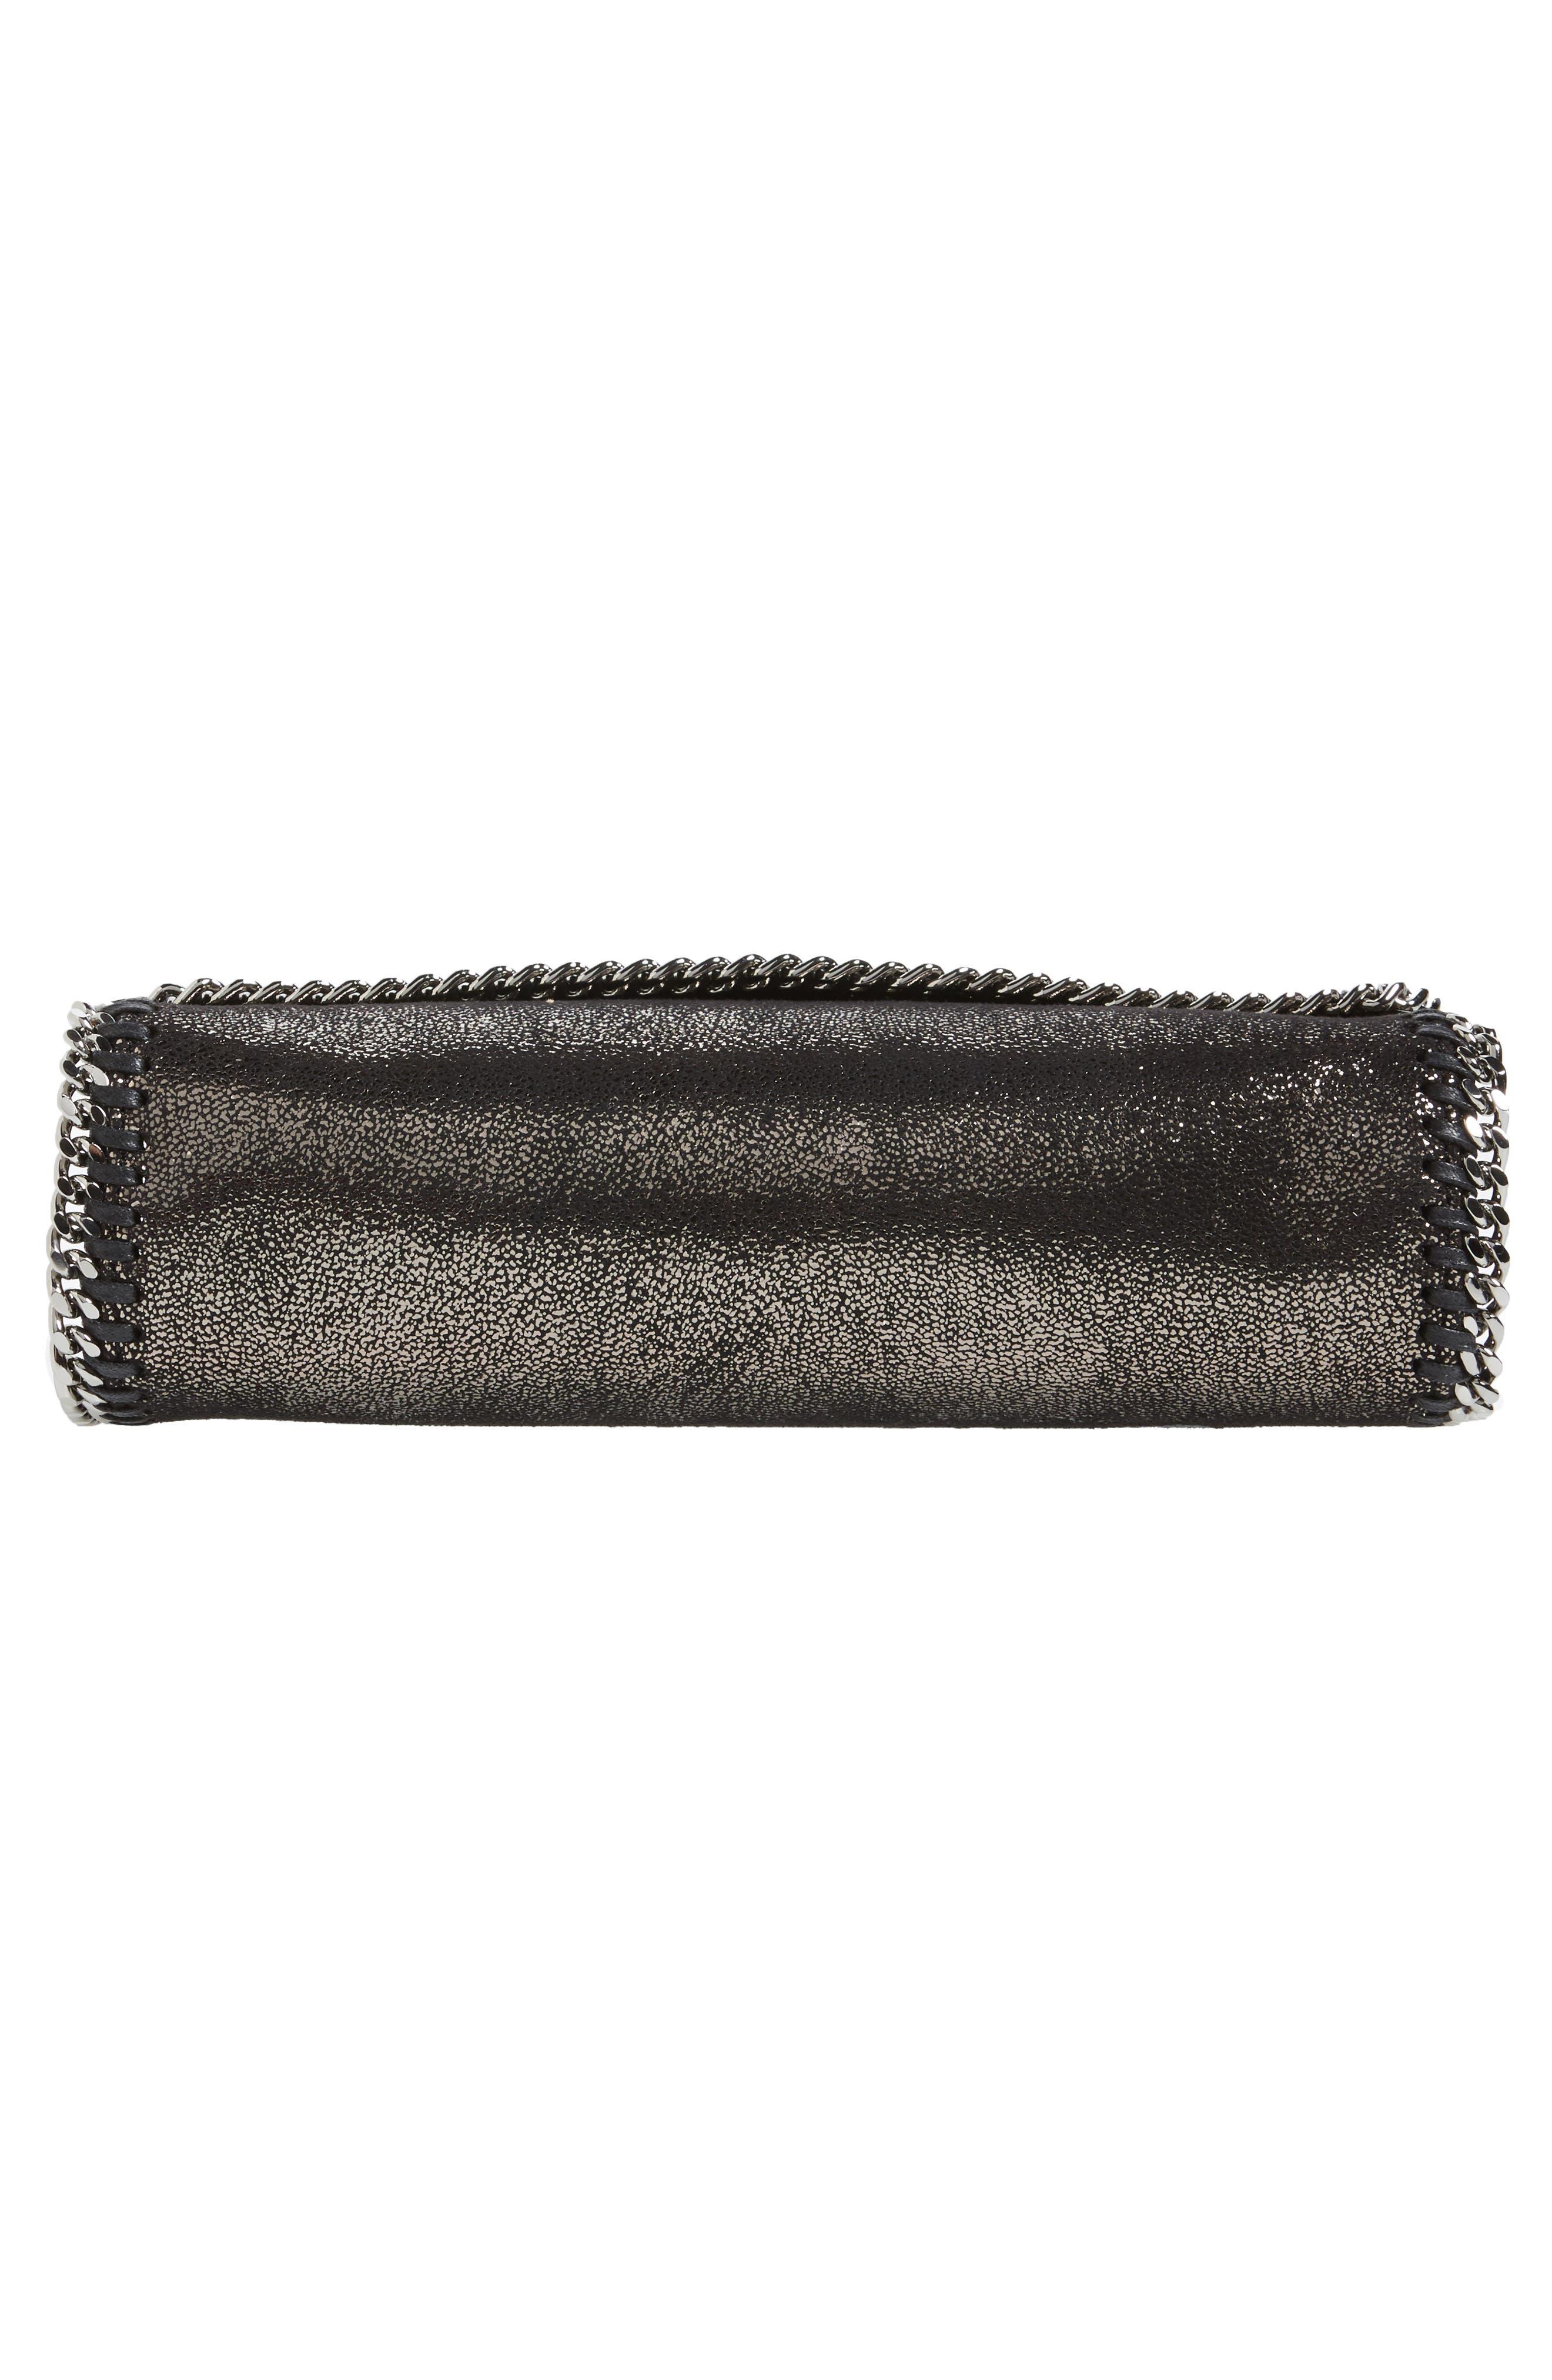 Faux Leather Flap Shoulder Bag,                             Alternate thumbnail 6, color,                             041